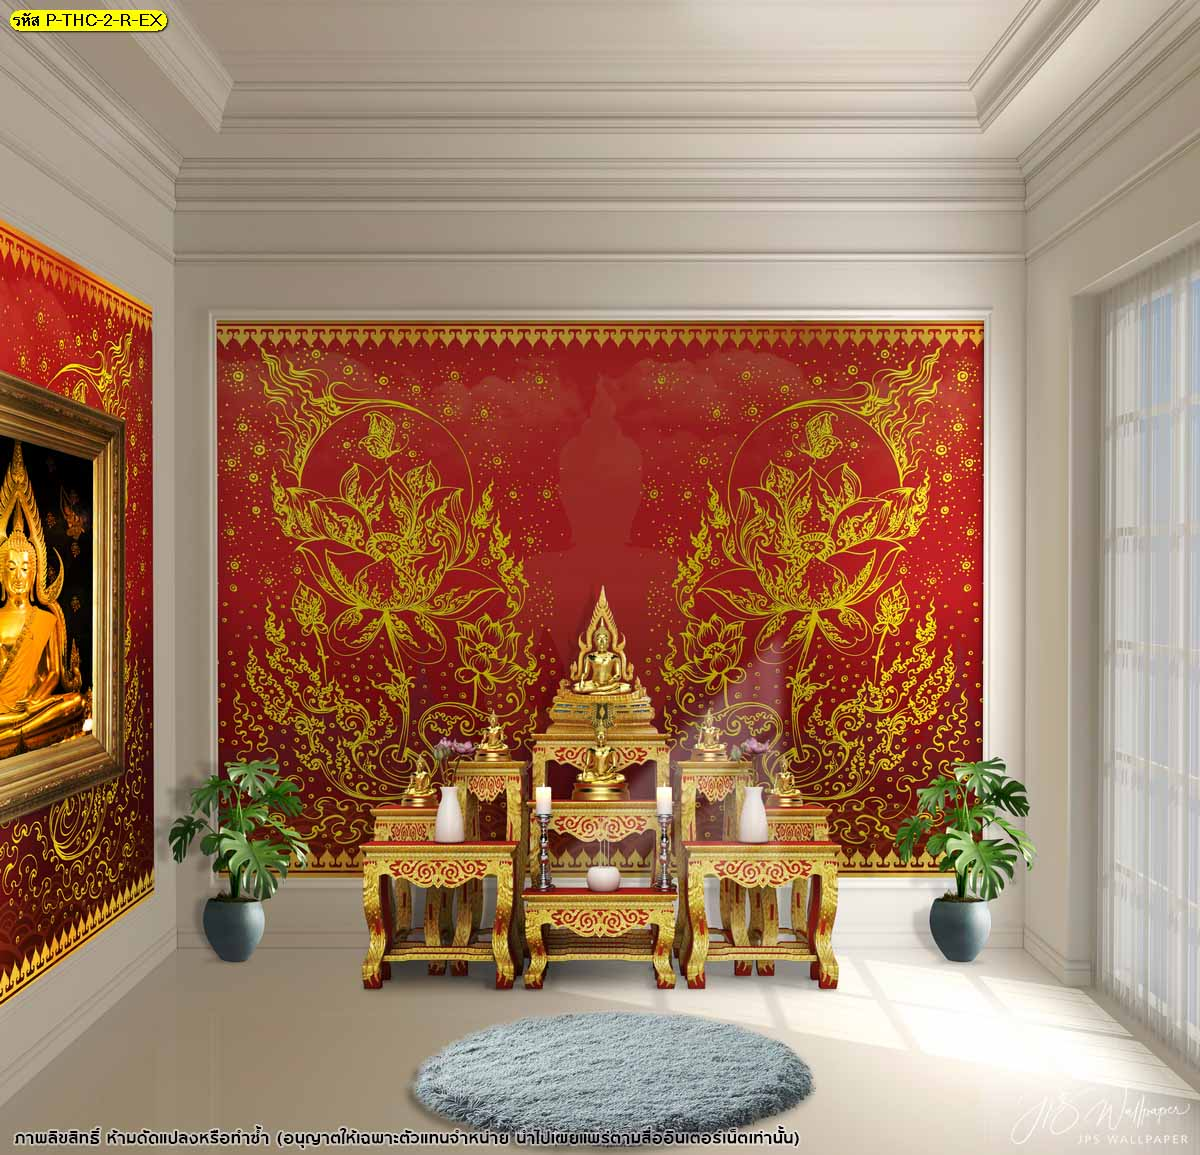 วอลเปเปอร์ลายดอกบัว ออกแบบภาพดอกบัว วอลเปเปอร์ดอกบัวทอง